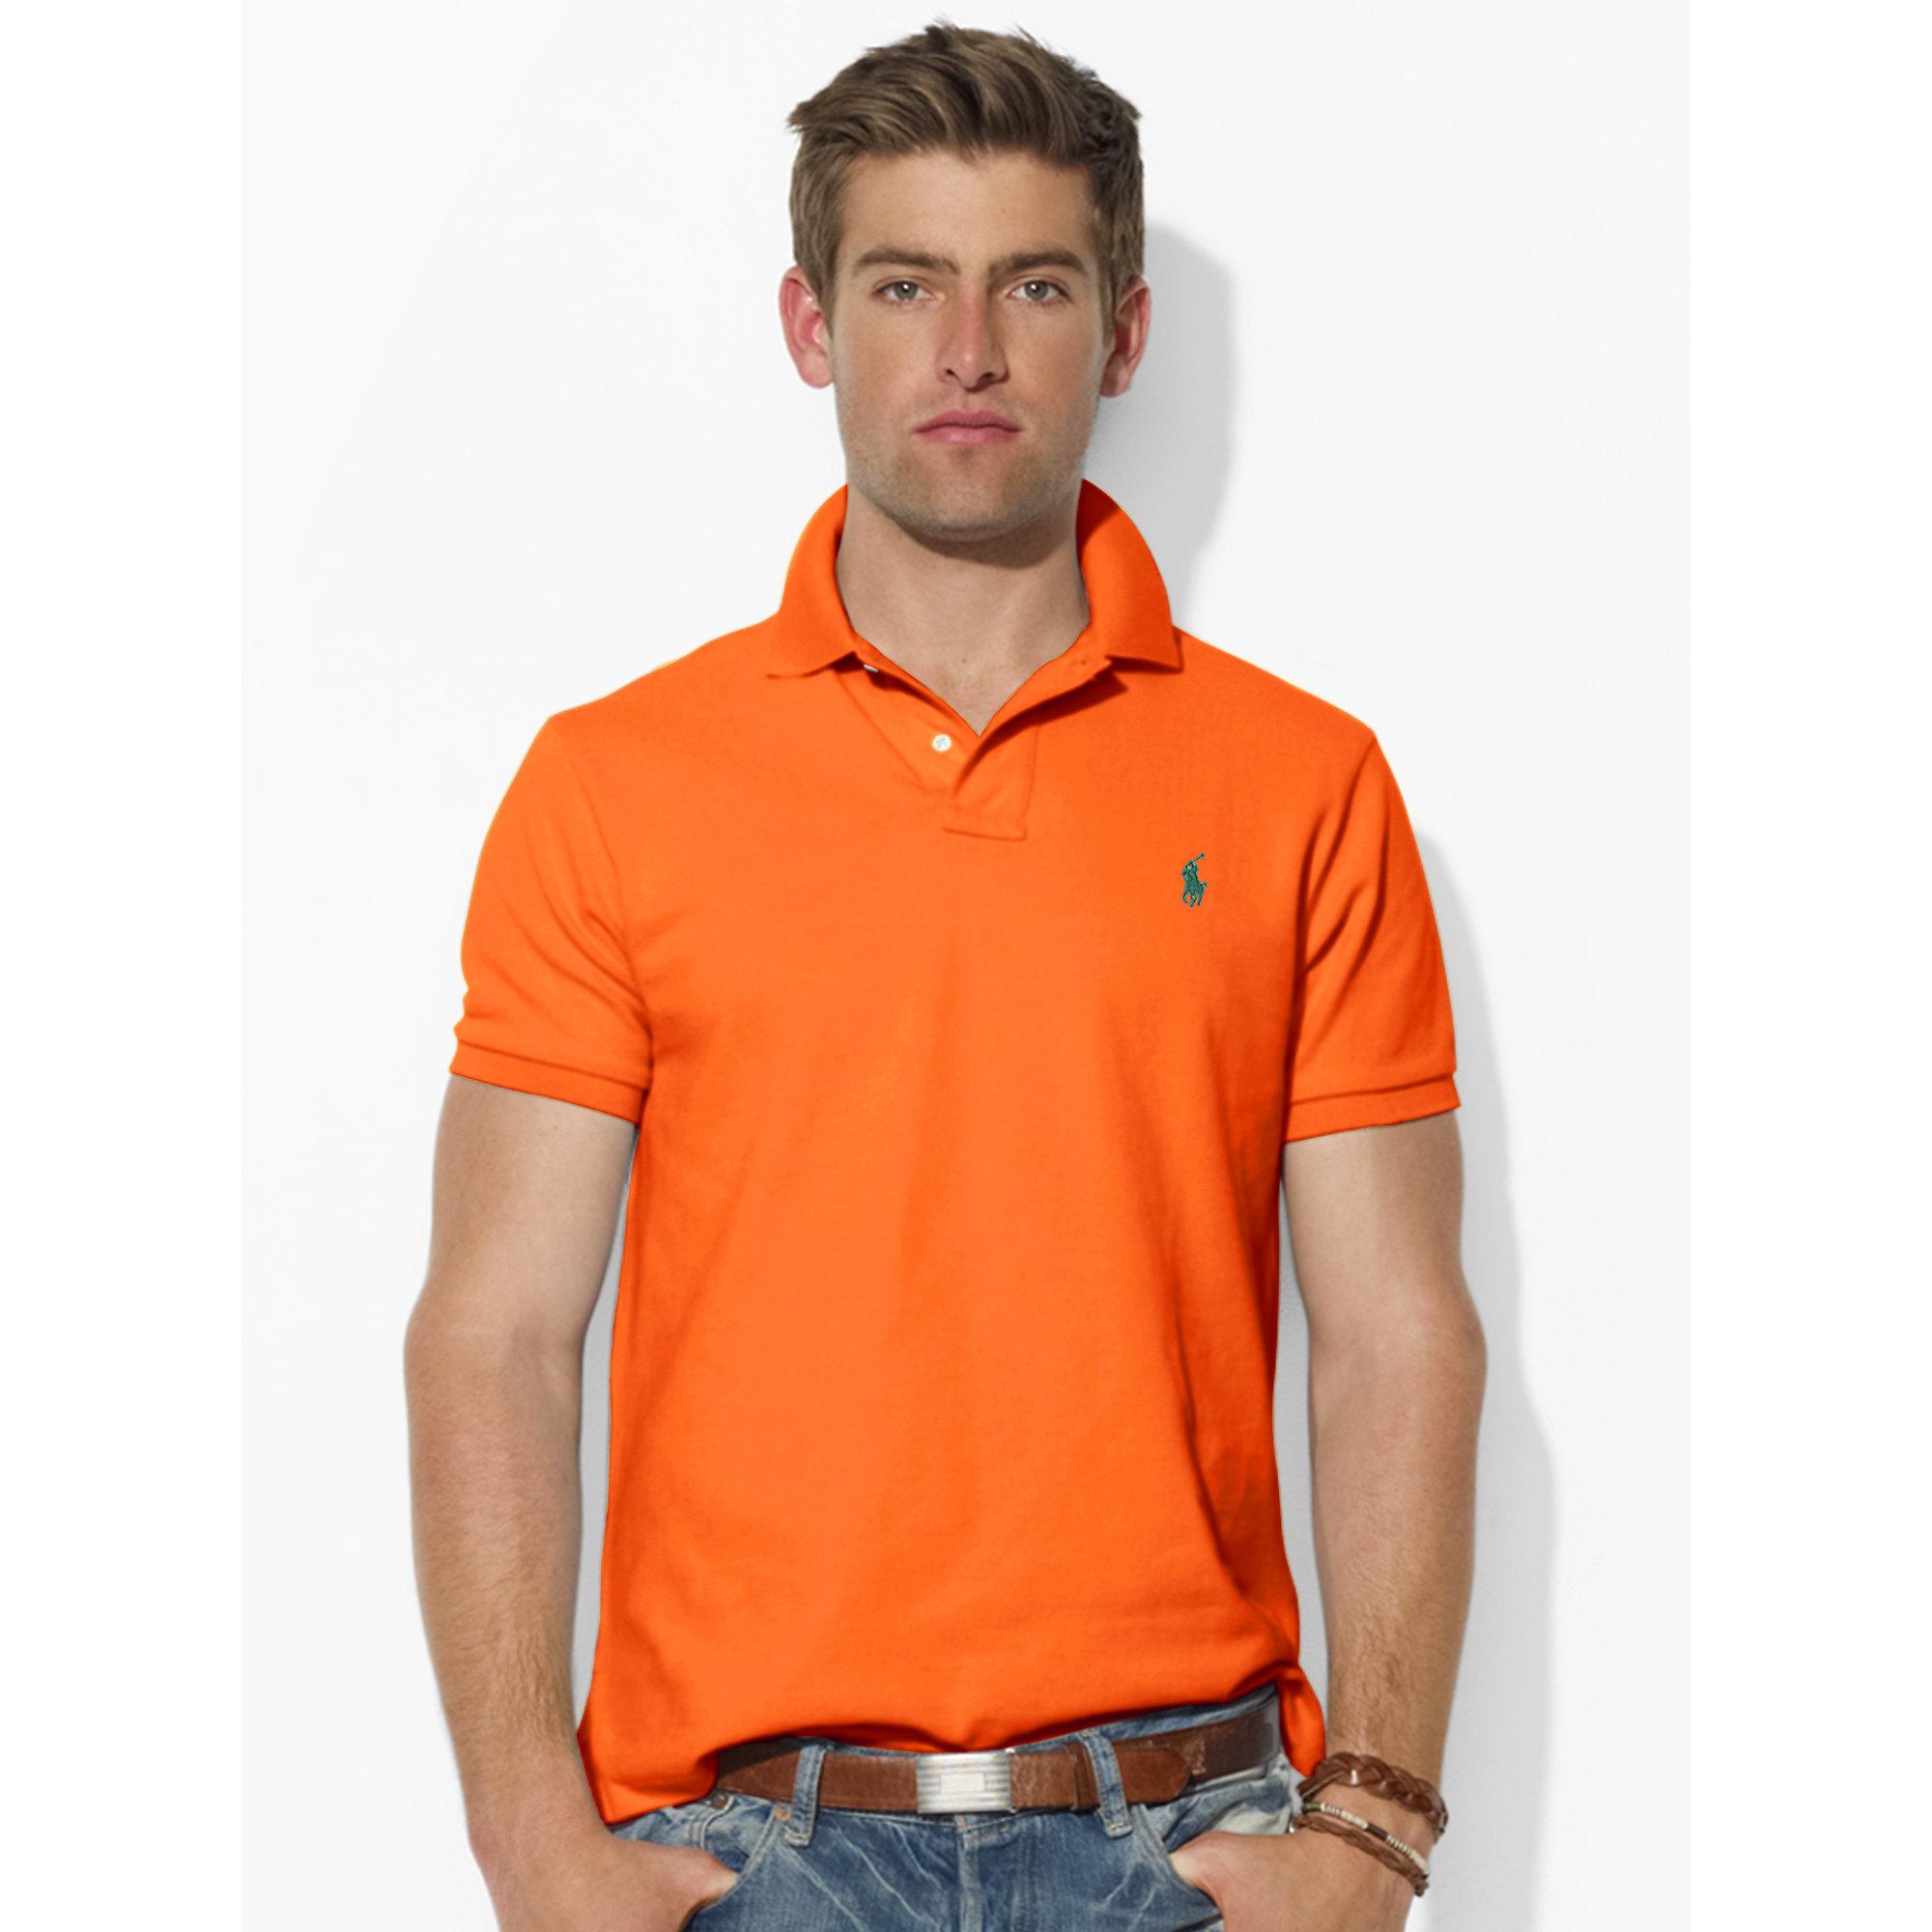 Polo men ralph lauren stickup darkblue red custom fit mesh for Orange polo shirt mens